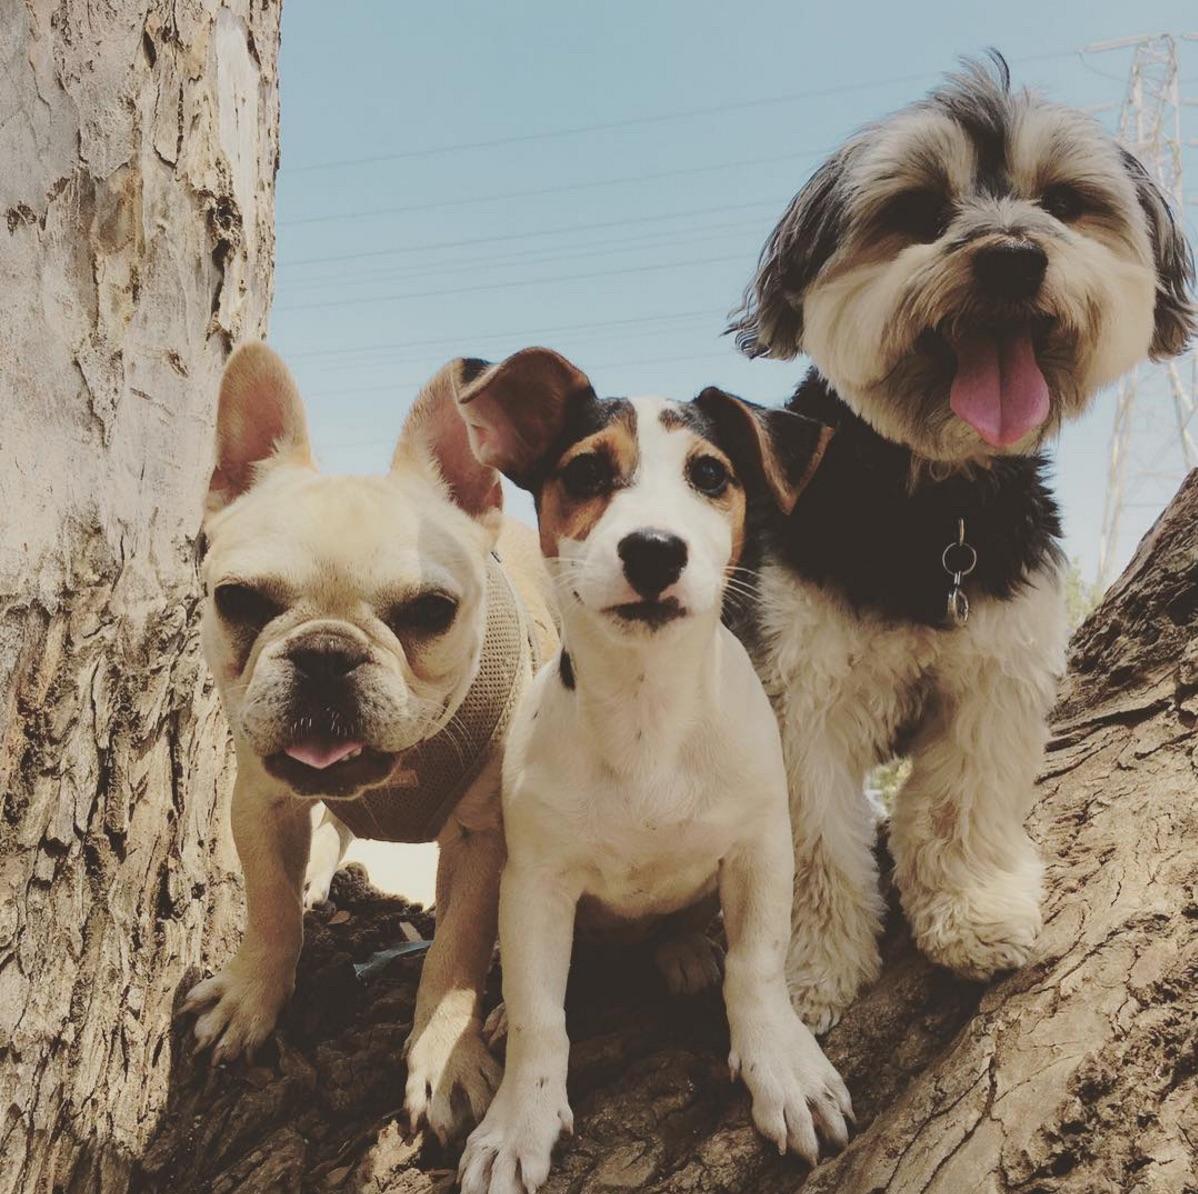 duffdogs